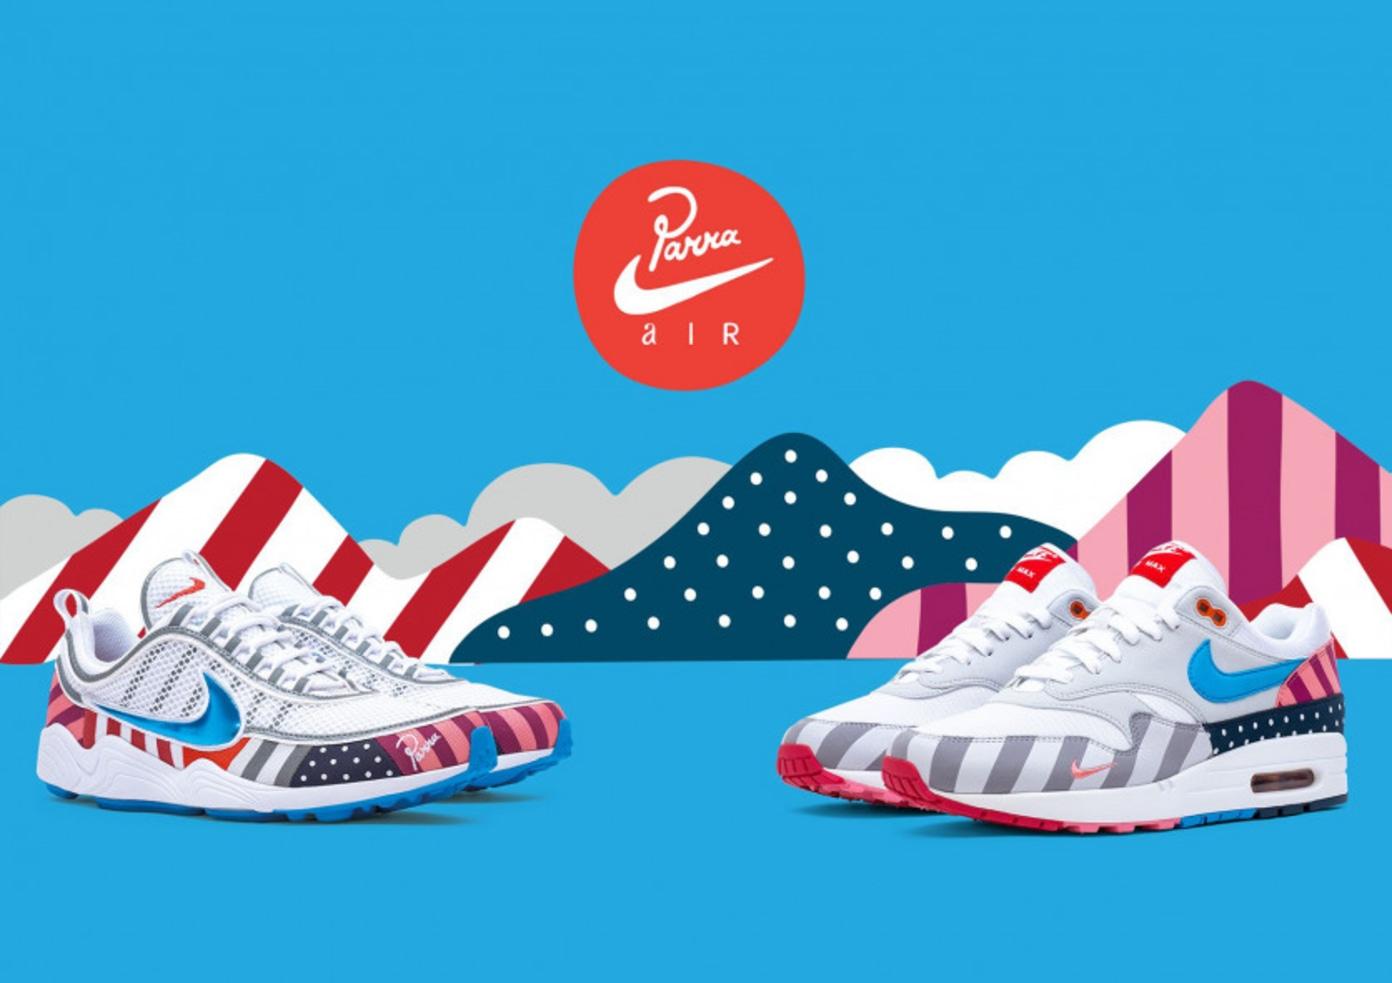 Nike x Parra Collaboration